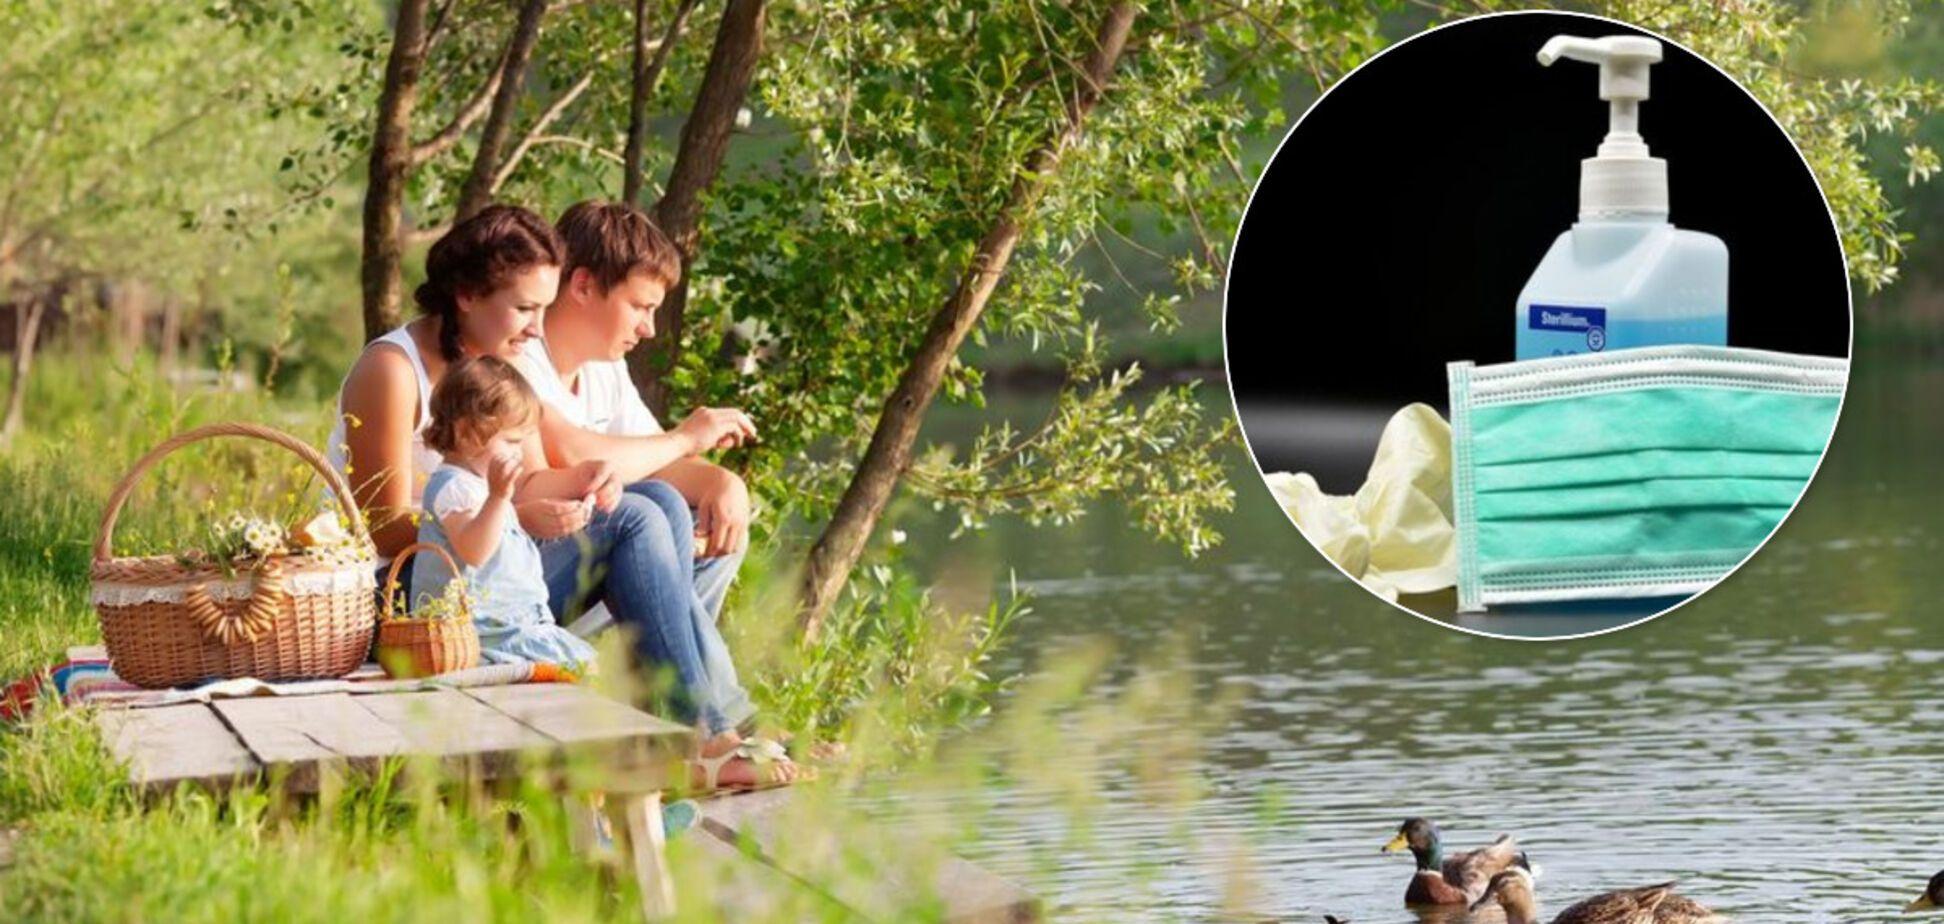 Антисептик, маски и игра для детей: Супрун дала важные советы, как не заразиться COVID-19, отдыхая на природе